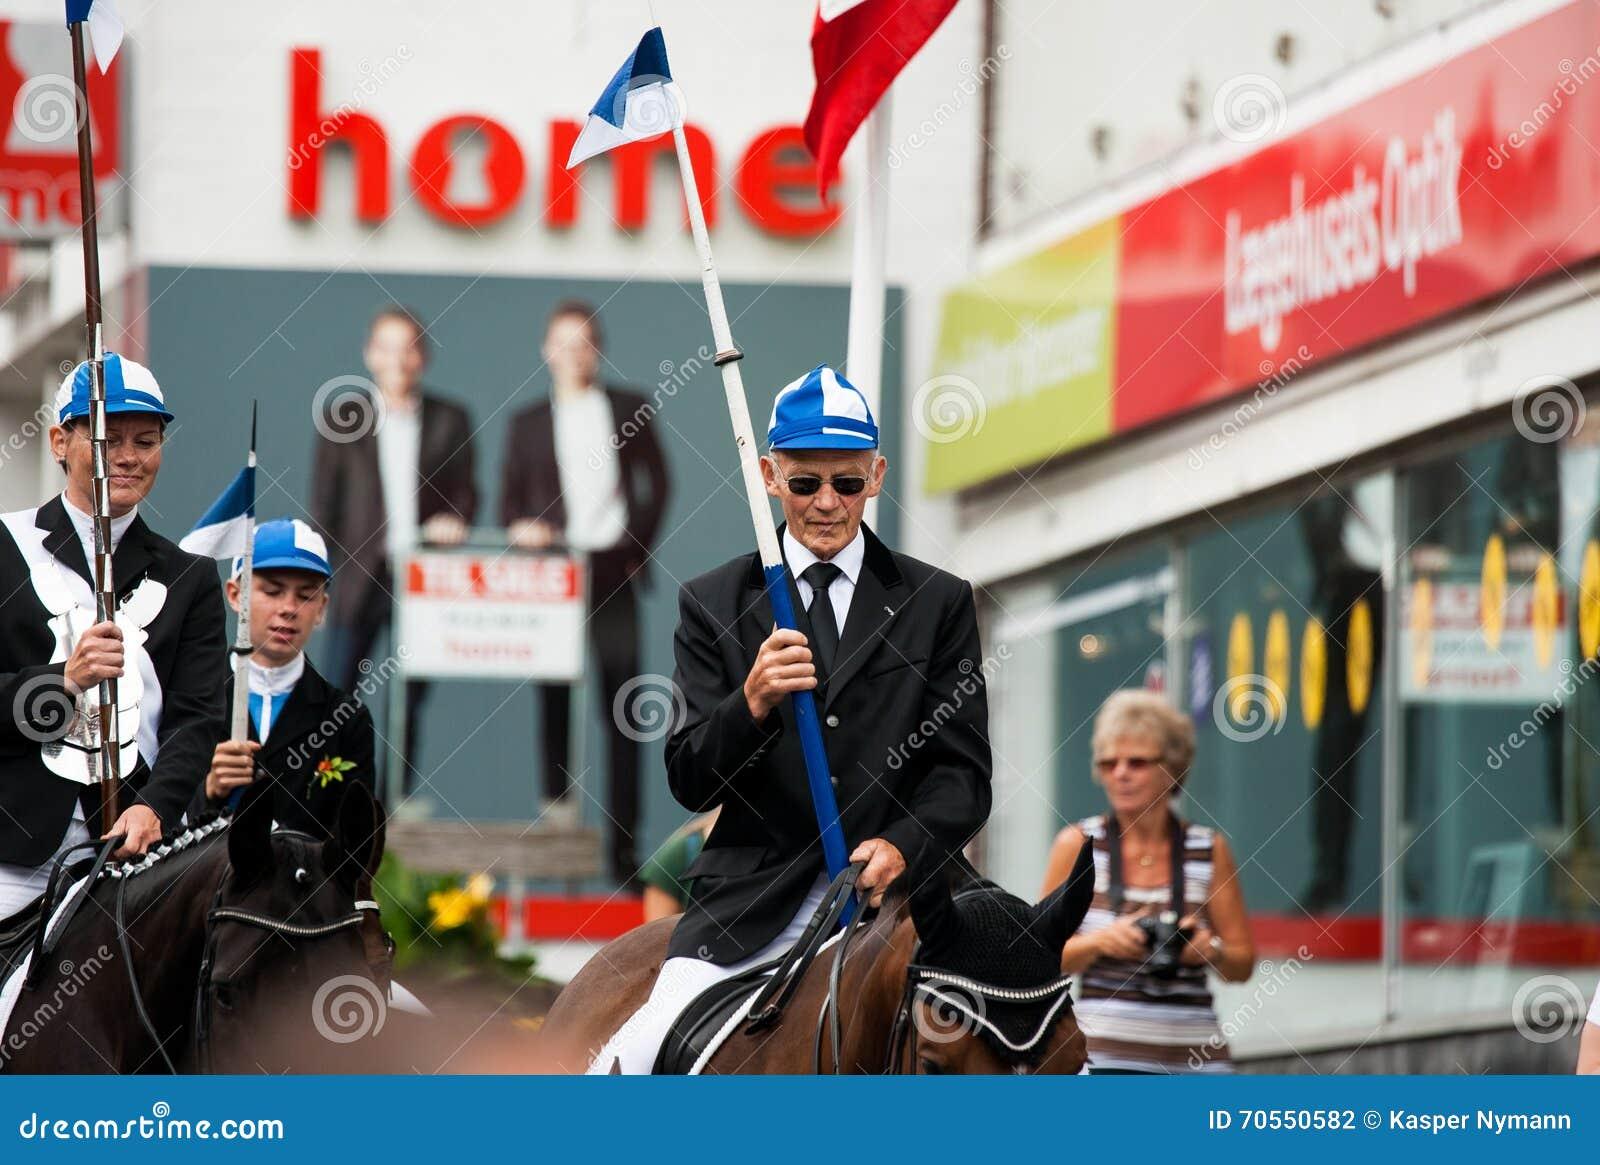 AABENRAA, DANEMARK - 6 JUILLET - 2014 : Cavaliers participants dans un pair